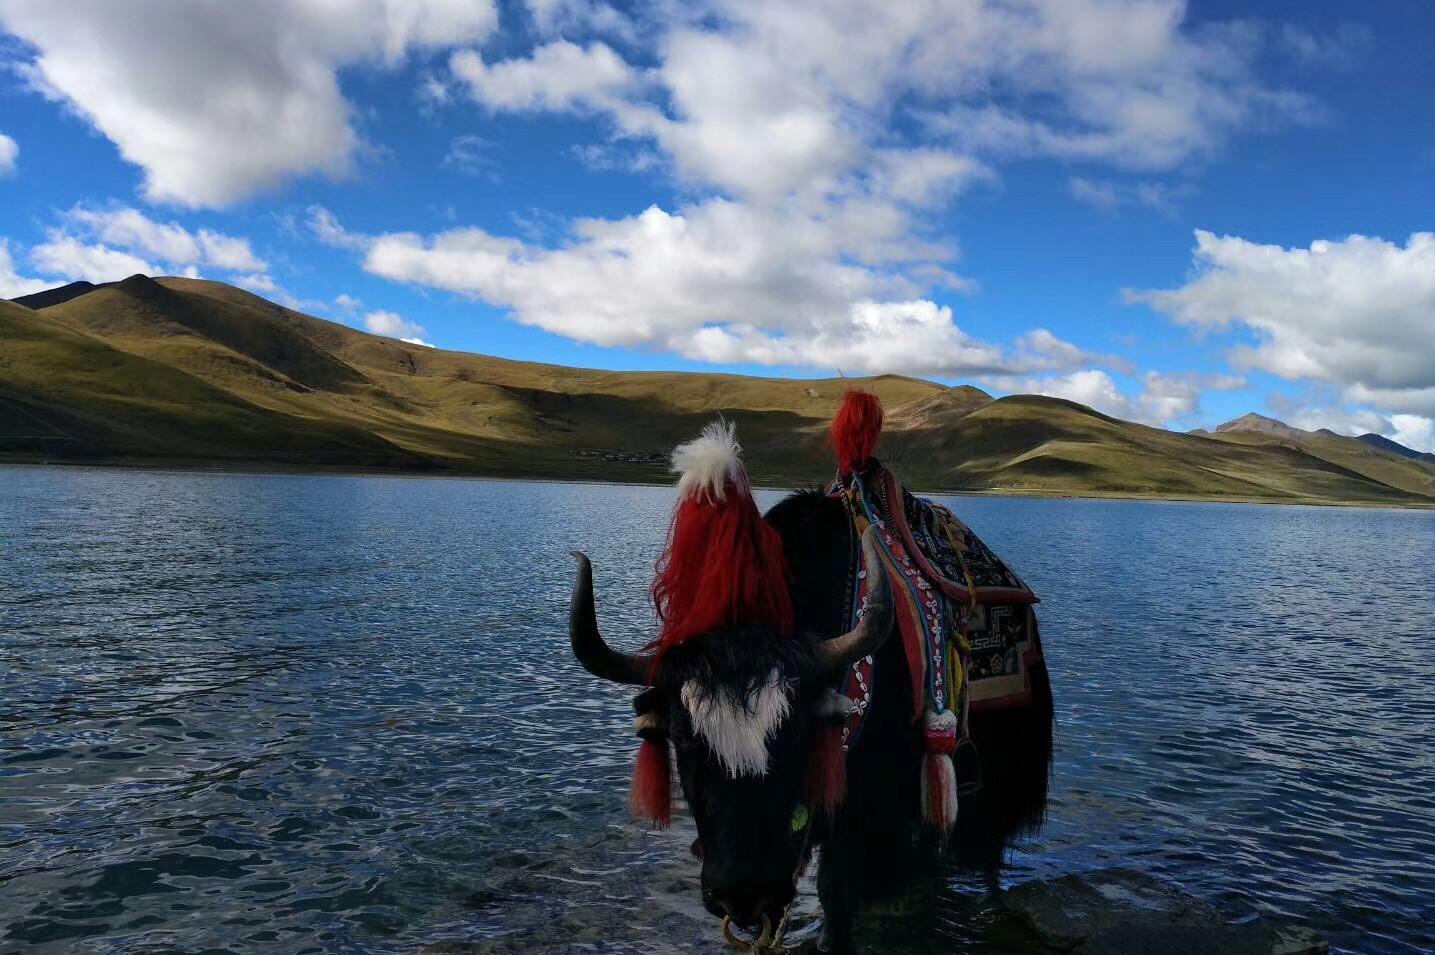 西藏拉萨、林芝、日喀则、珠峰大本营15日双卧跟团游[进藏首选]0自费、赠6大特色美食,1晚宿鲁朗国际小镇